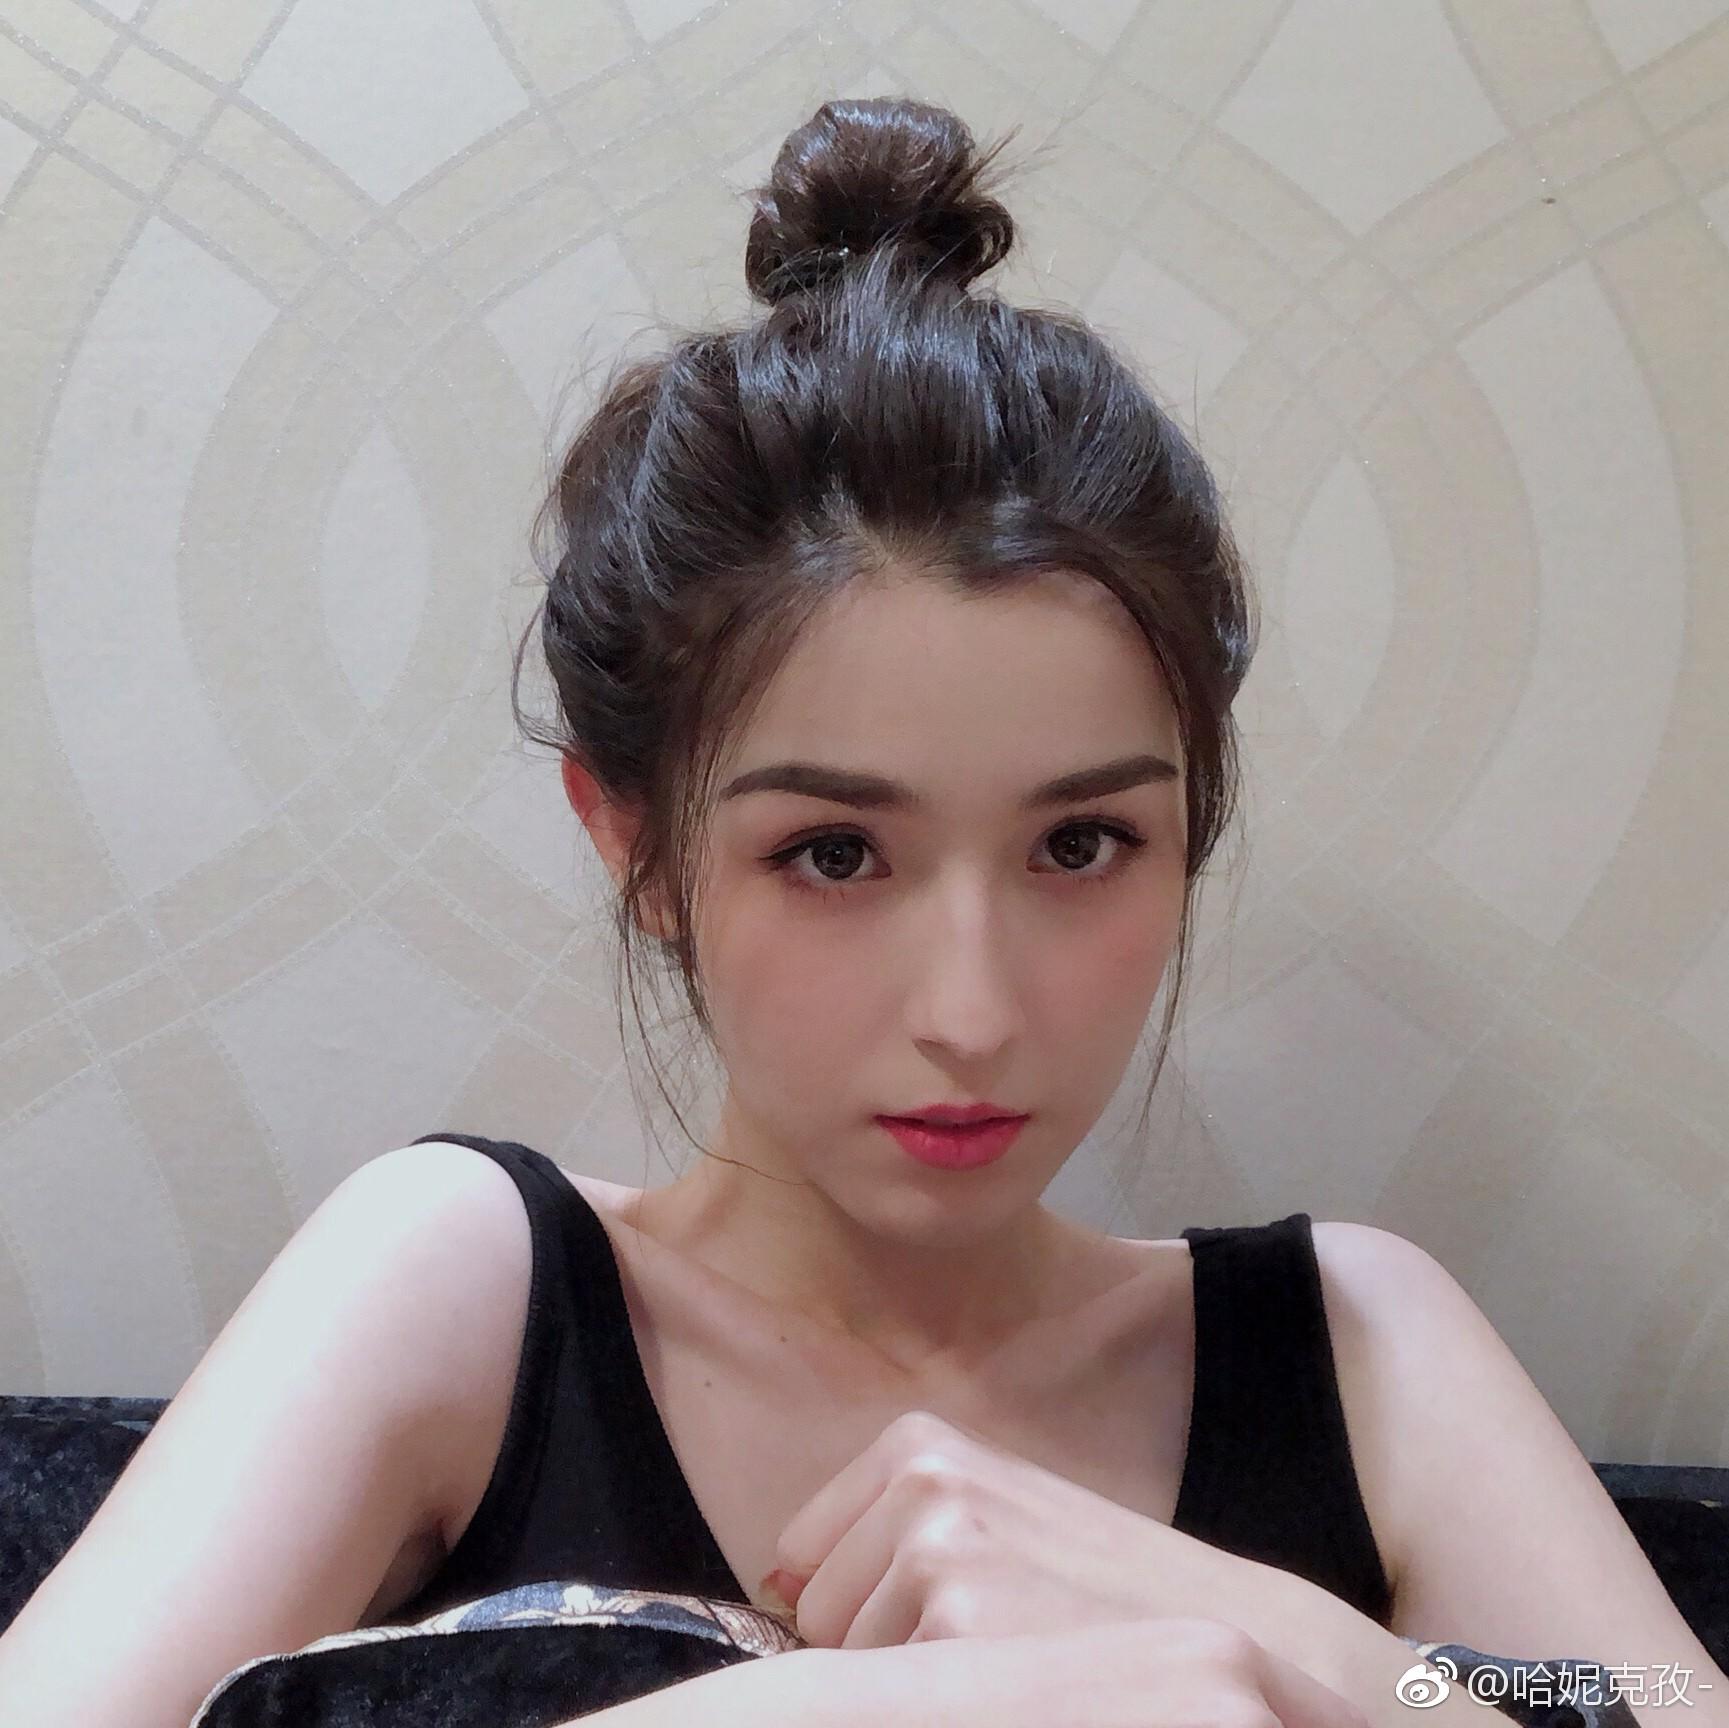 Người đẹp bị đồn lộ clip gây xôn xao cộng đồng mạng - 1